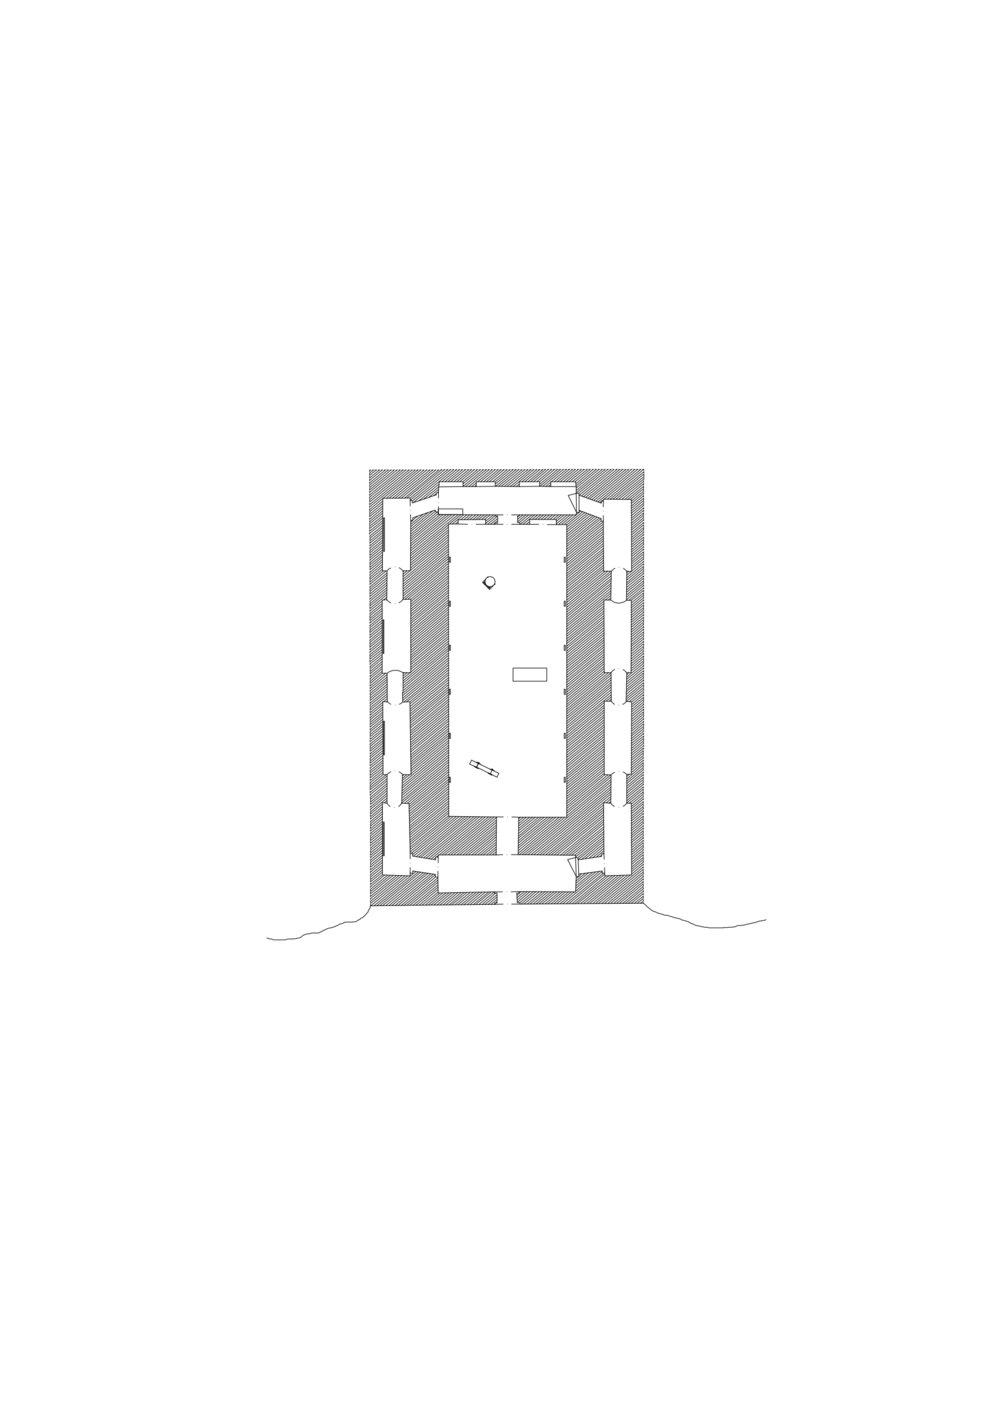 Ruutikellarin_näyttely-A5_Pohja_1_400.jpg